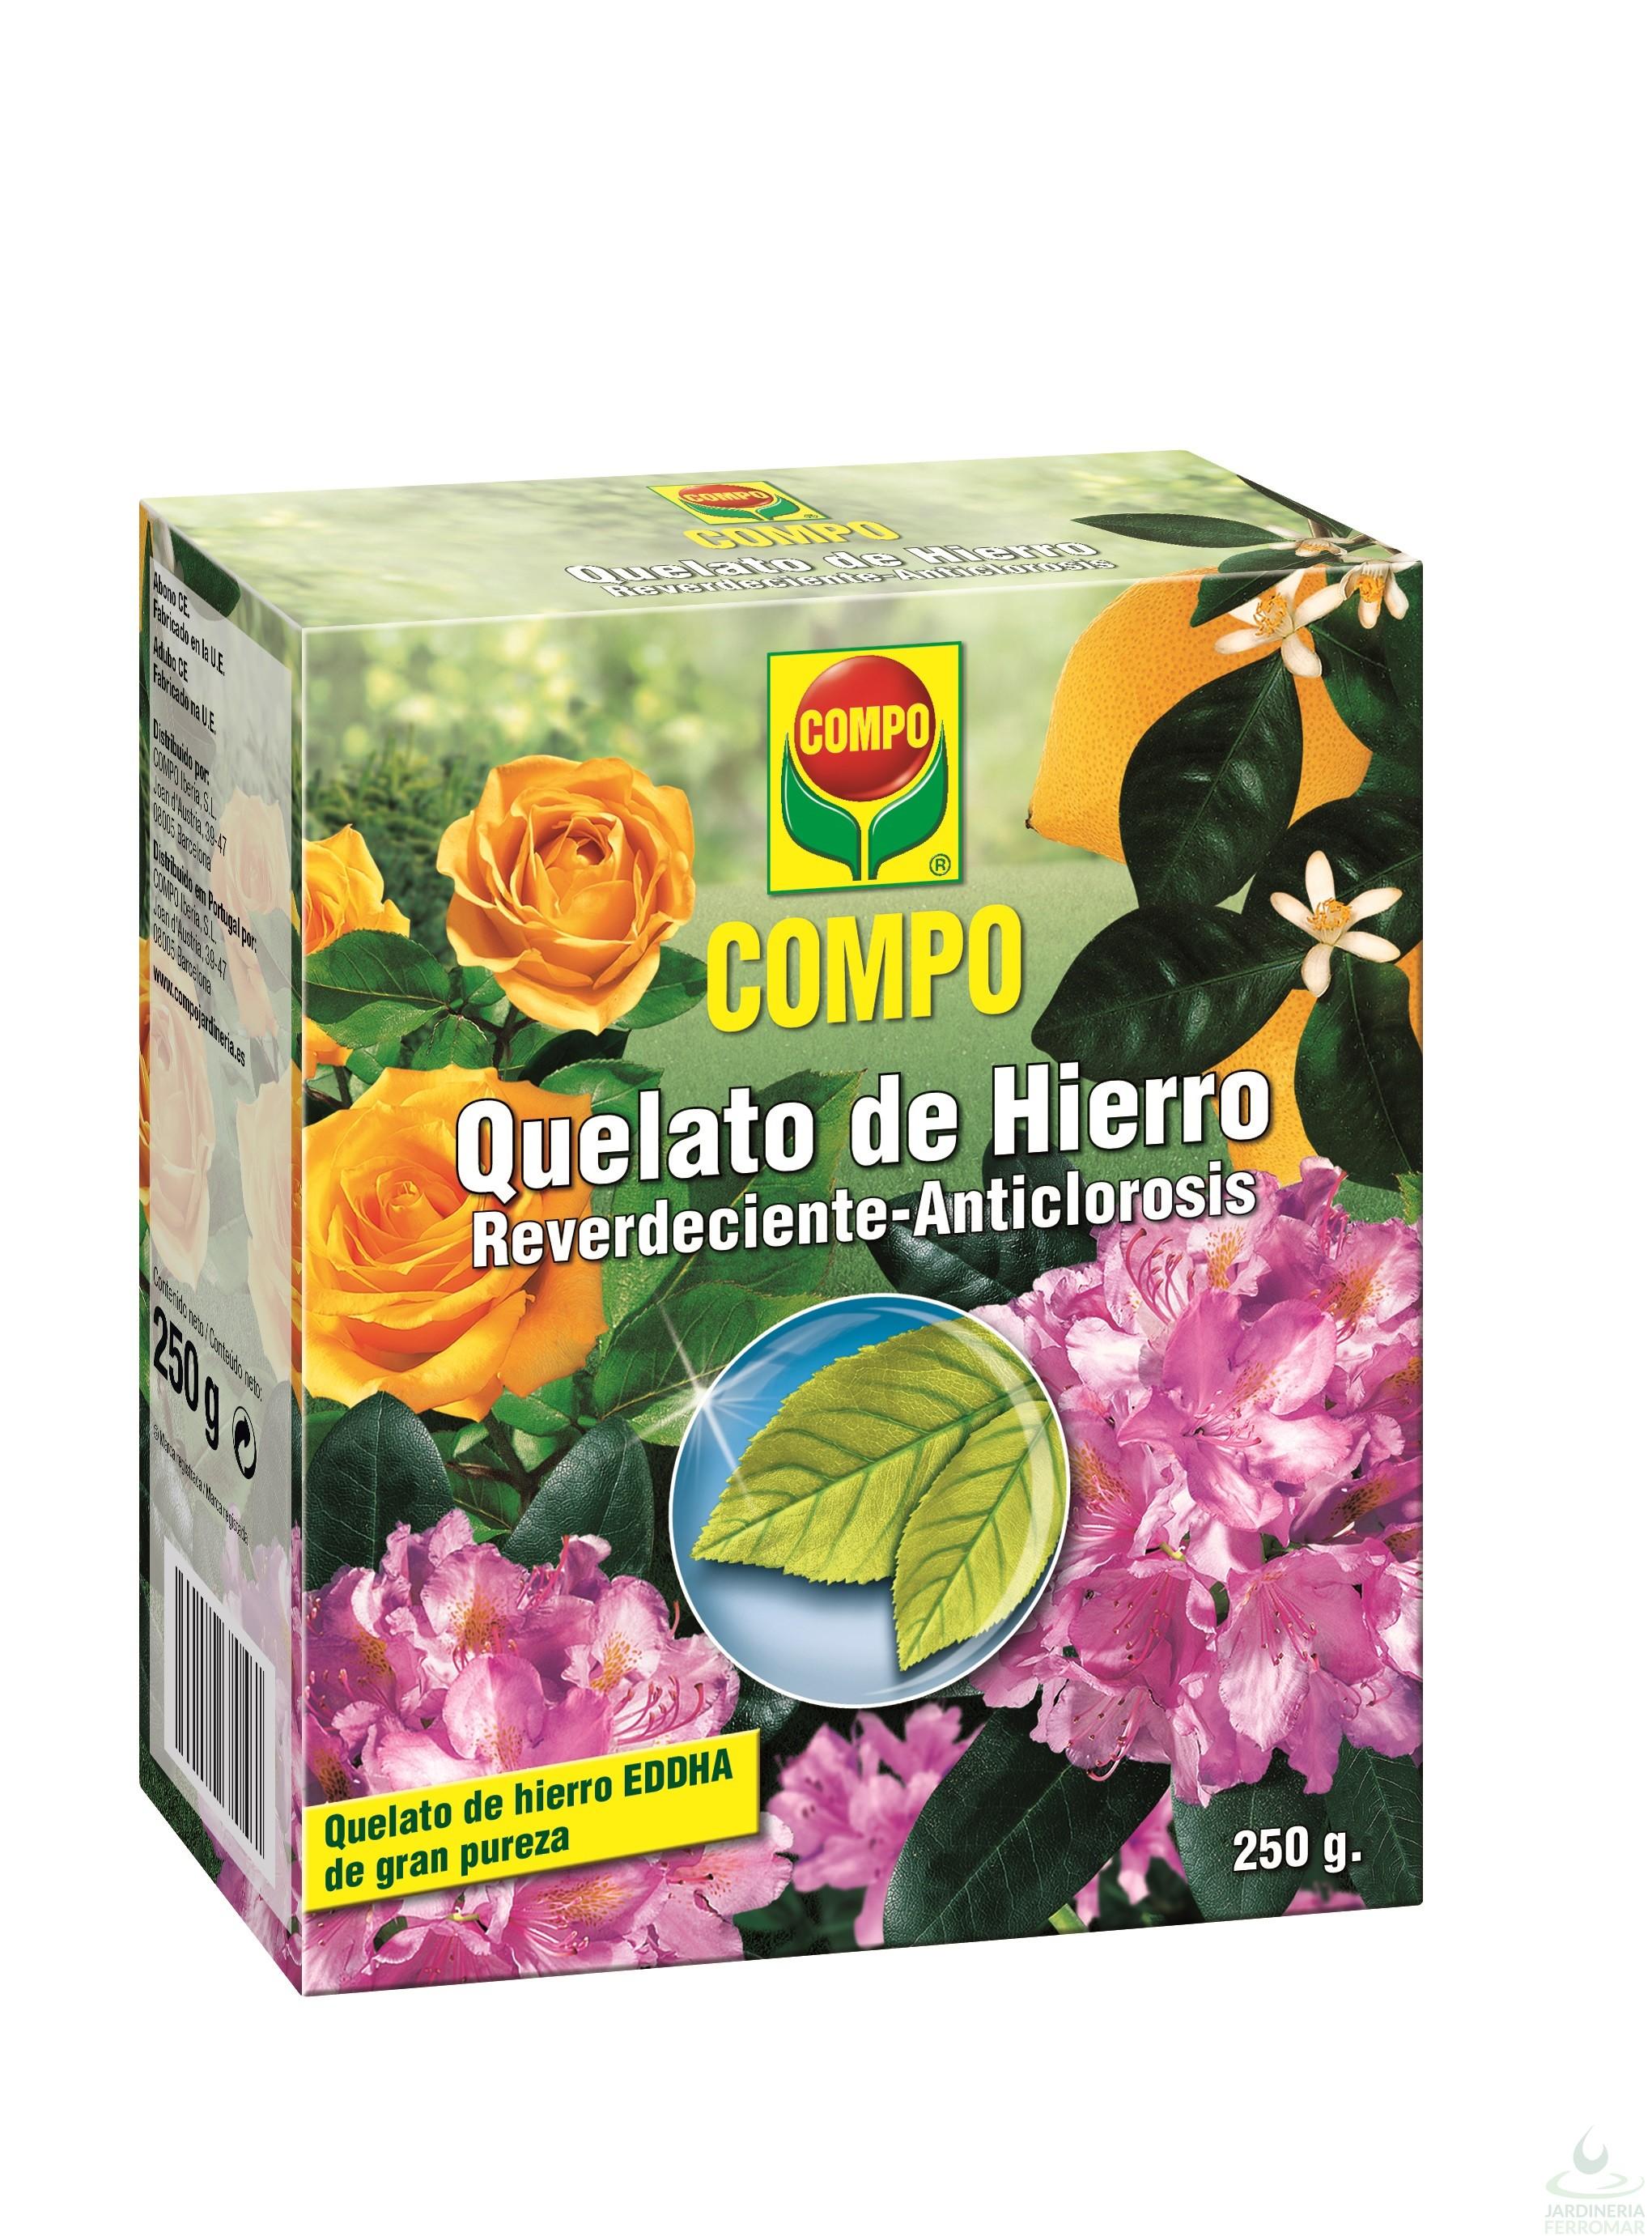 Compo Quelato de Hierro Envase 250 gr